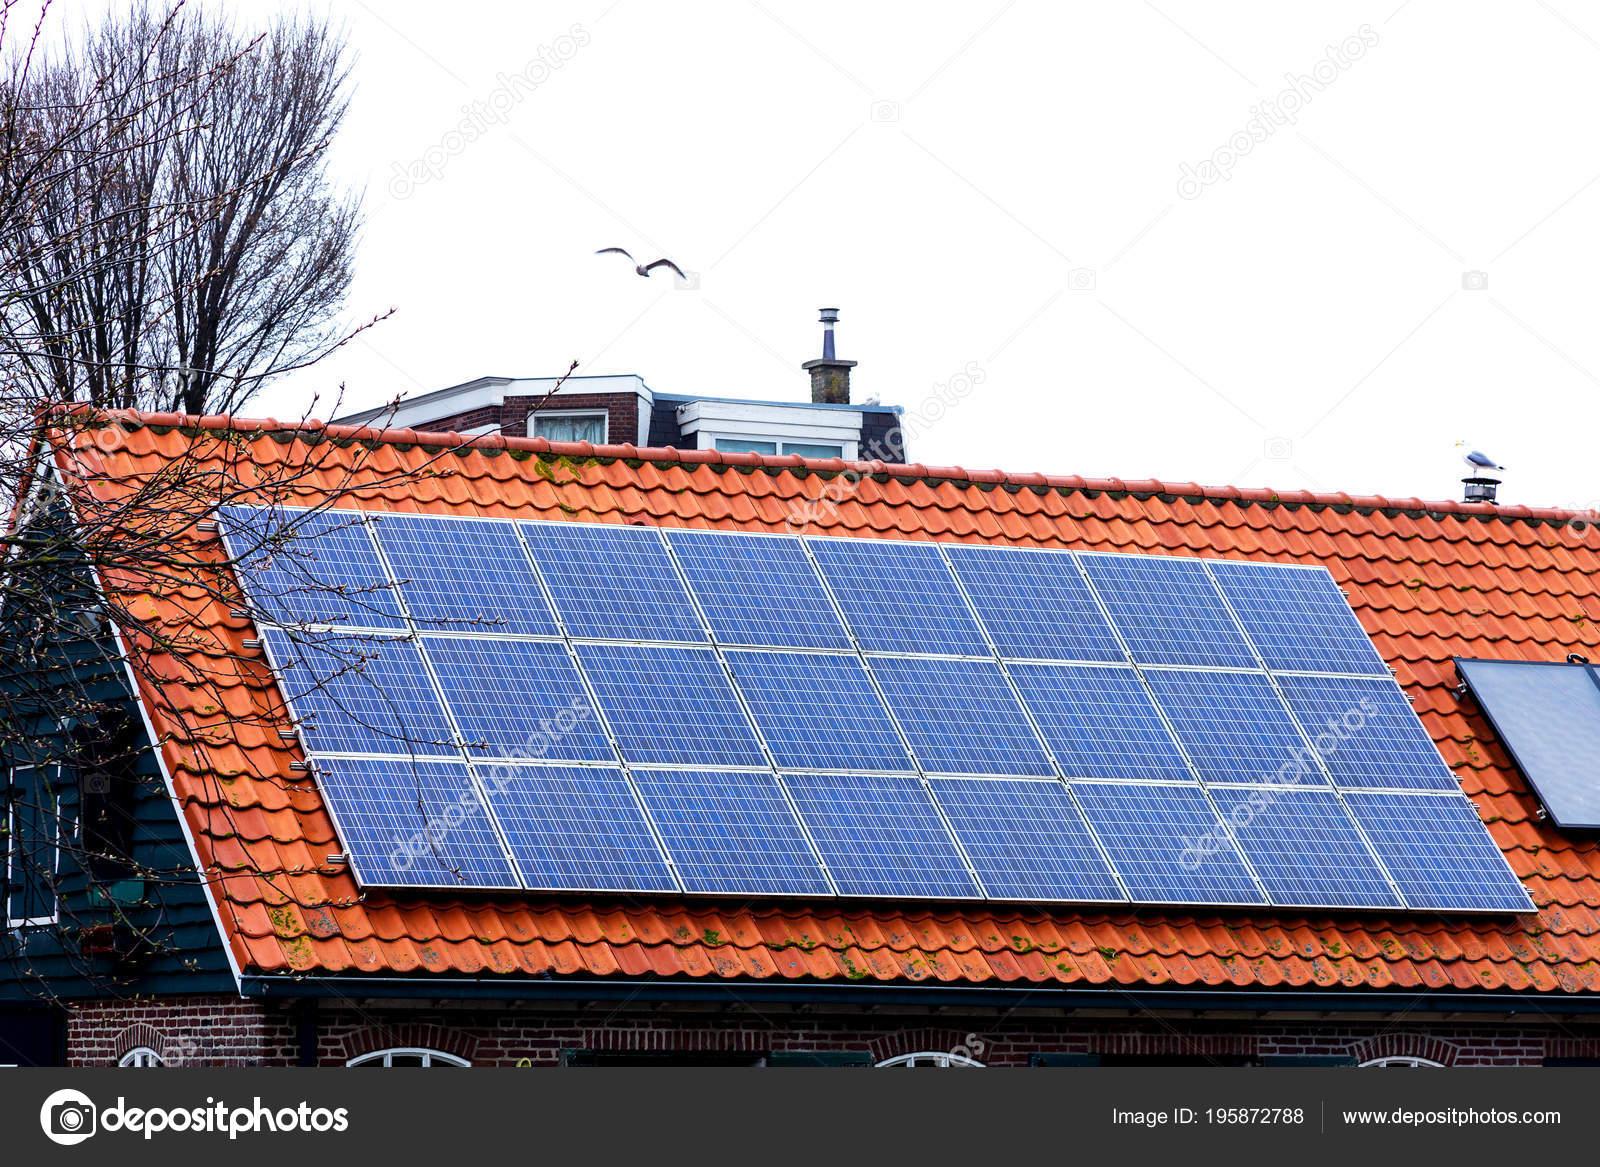 Rode tegel dak met zonnepanelen nieuwe zonne energie het oude